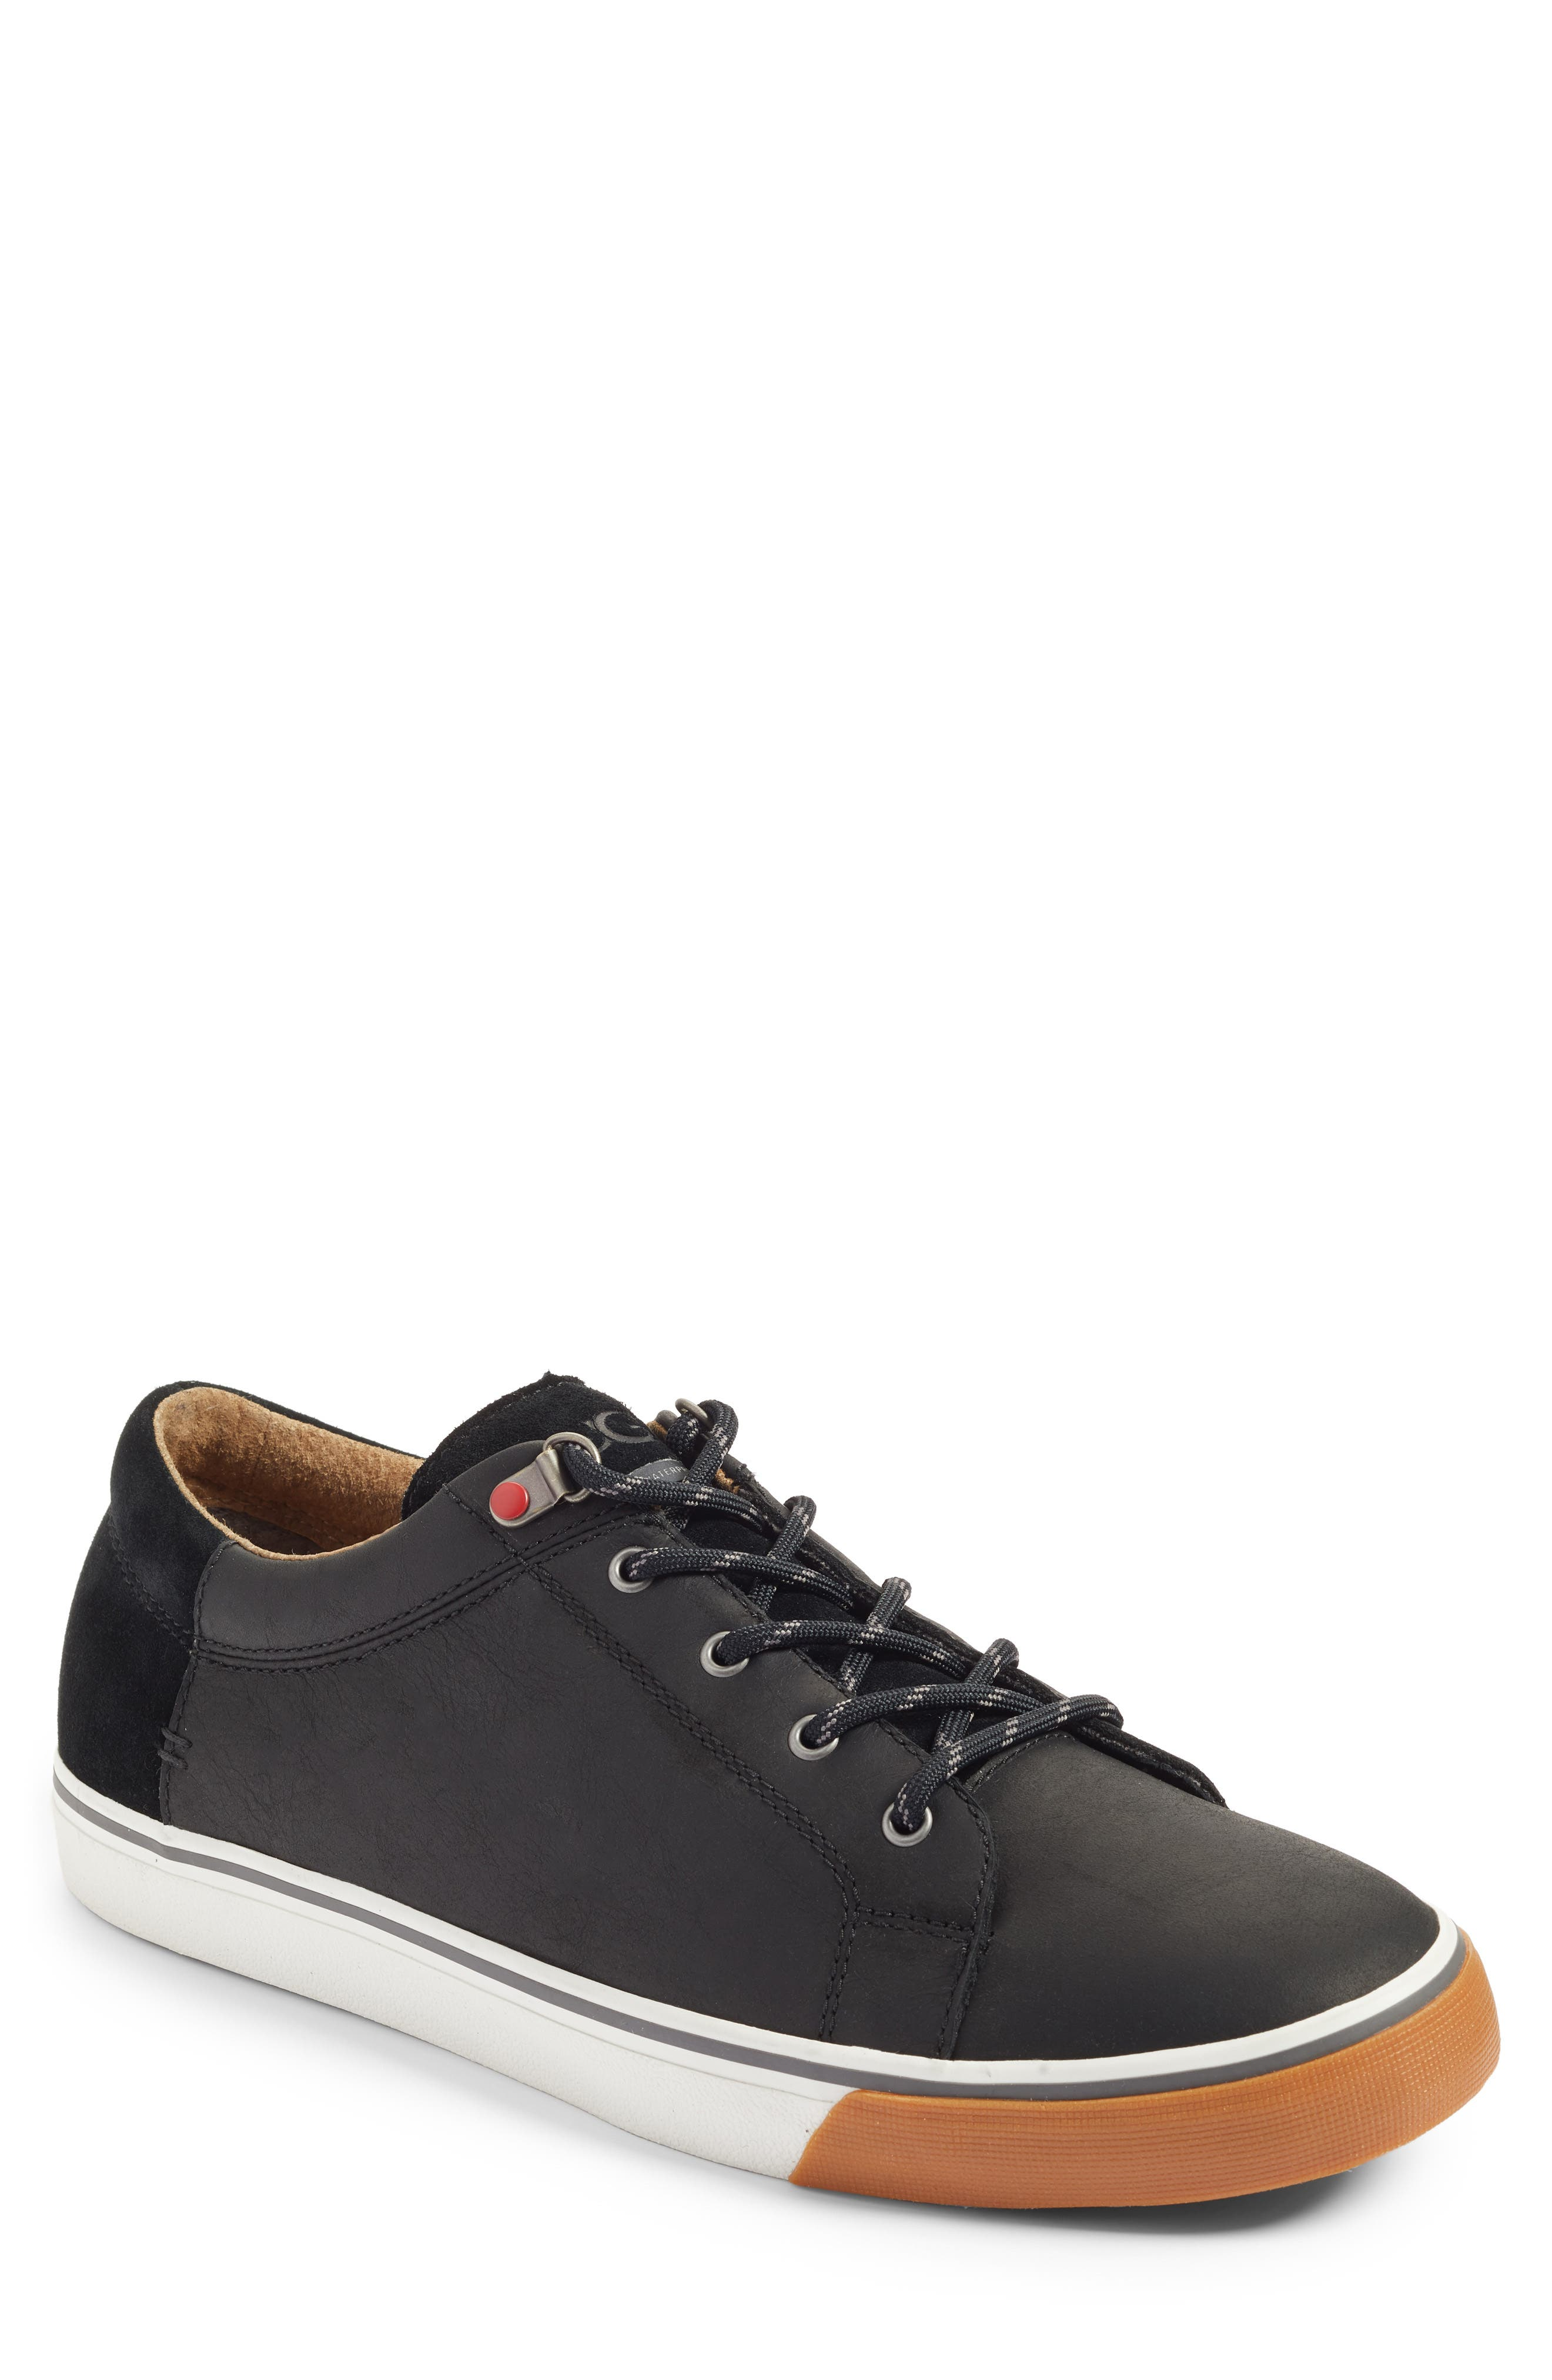 Brock Sneaker,                         Main,                         color, Black